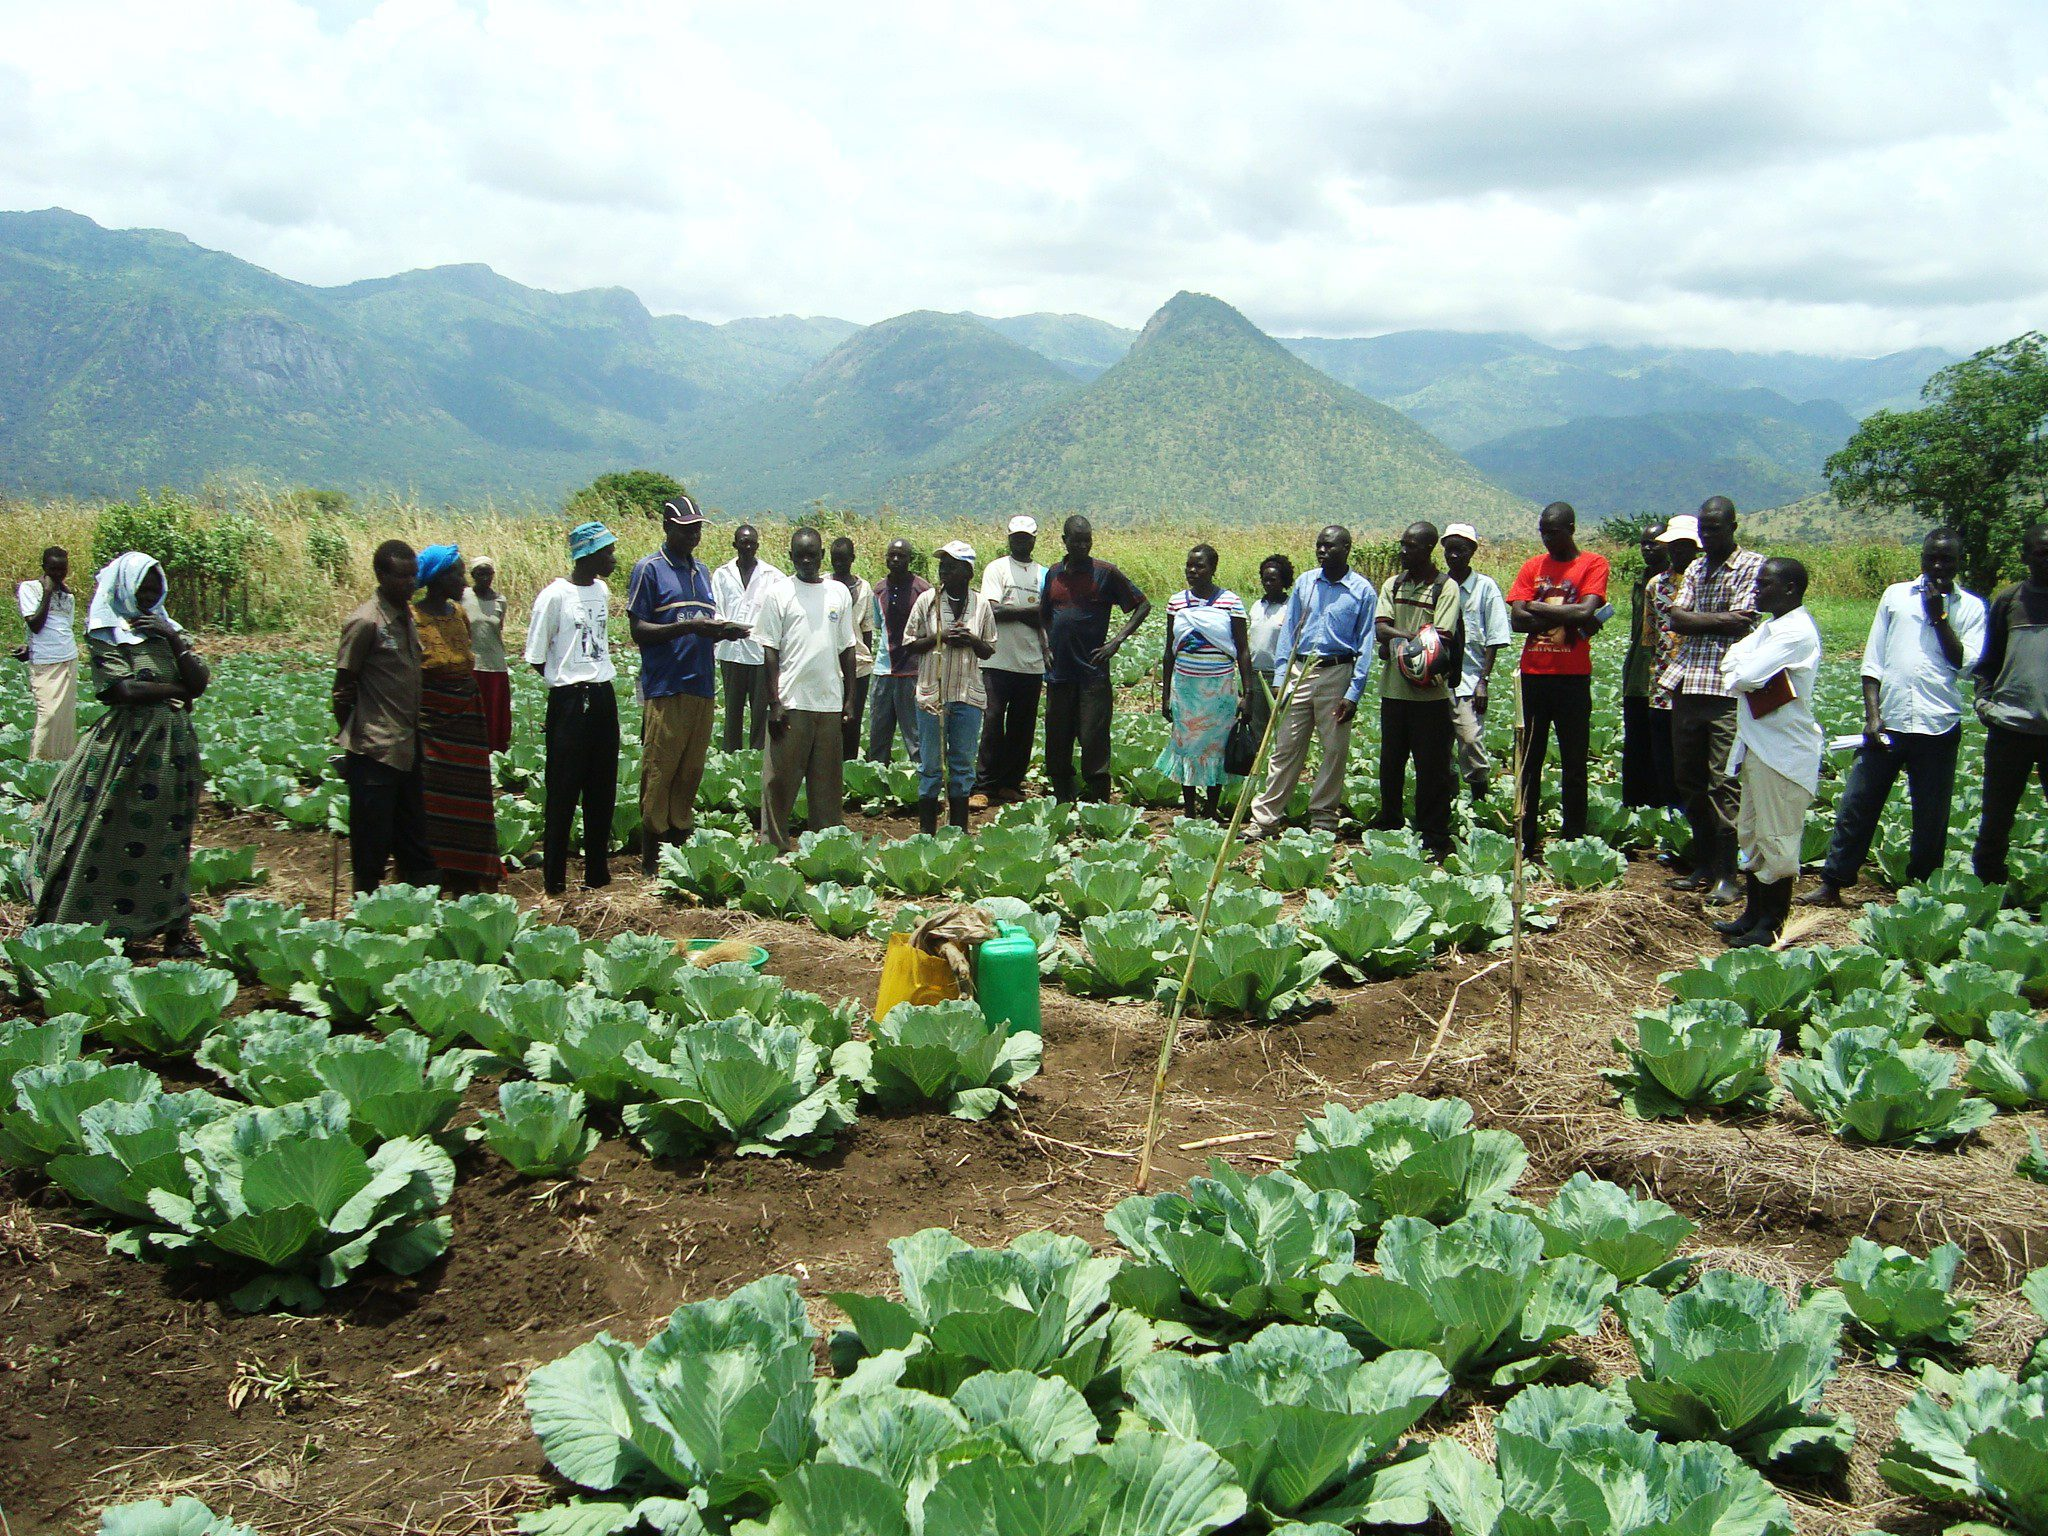 Agoro cabbage